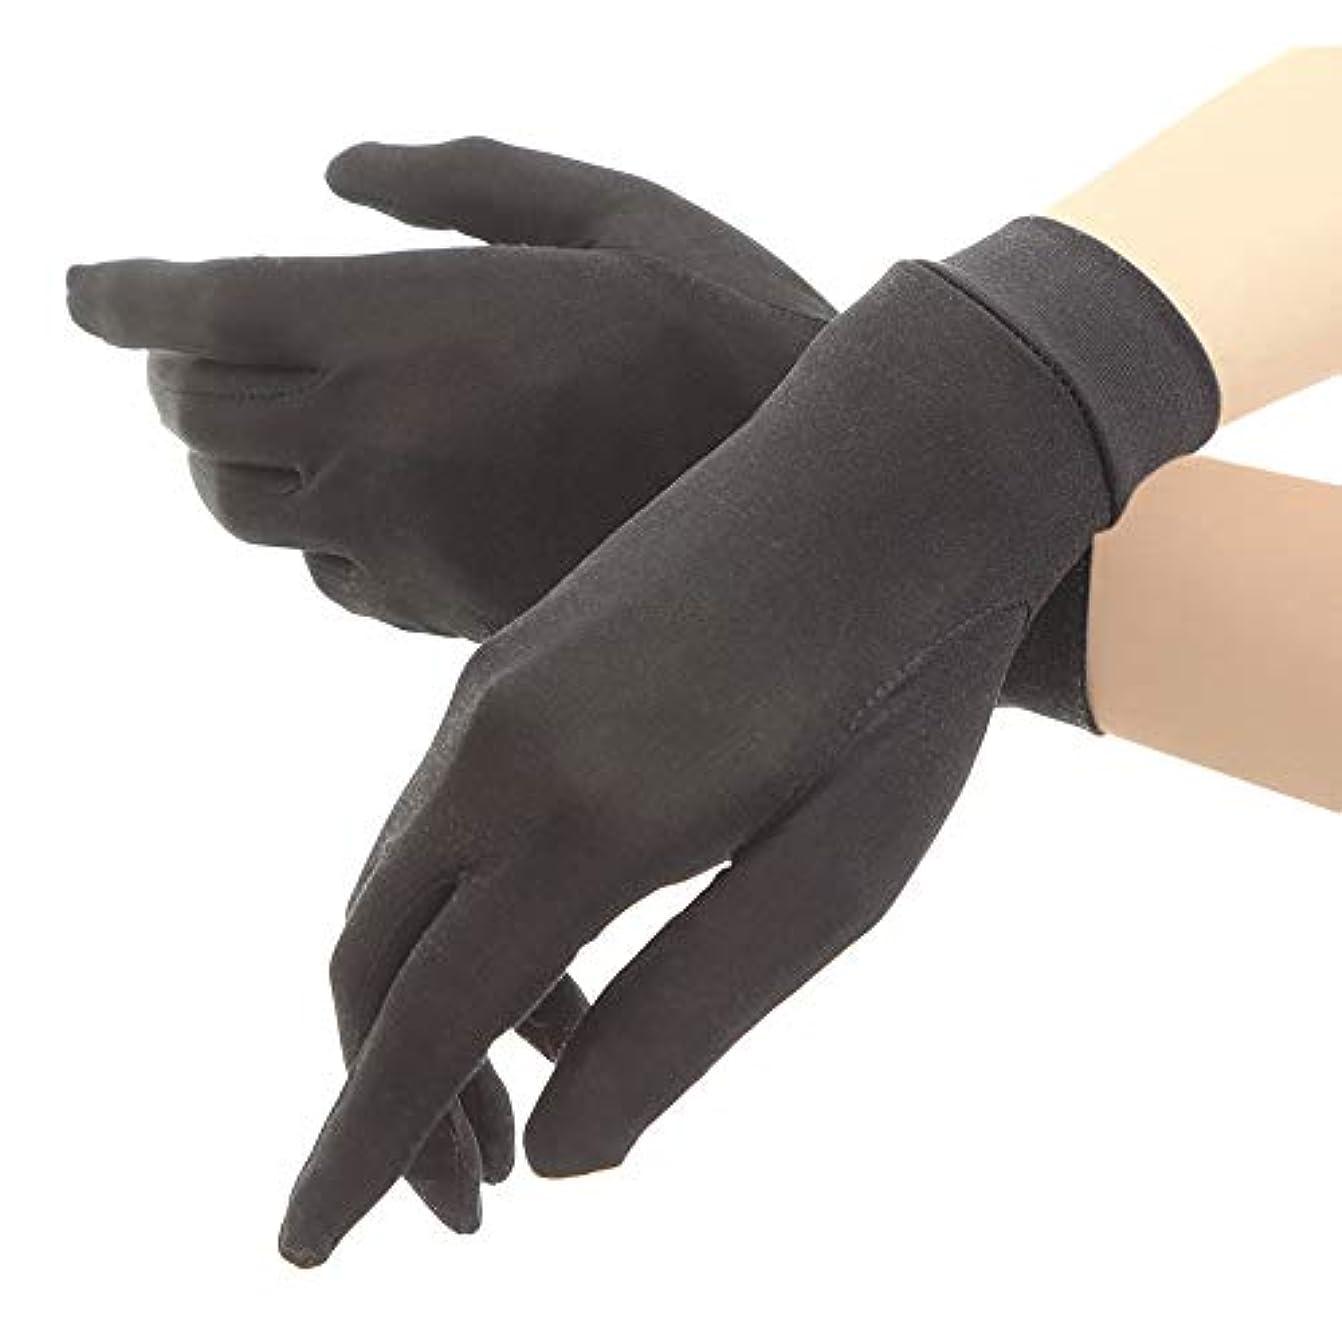 シュリンク受け取るぎこちないシルク手袋 レディース 手袋 シルク 絹 ハンド ケア 保湿 紫外線 肌荒れ 乾燥 サイズアップで手指にマッチ 【macch】